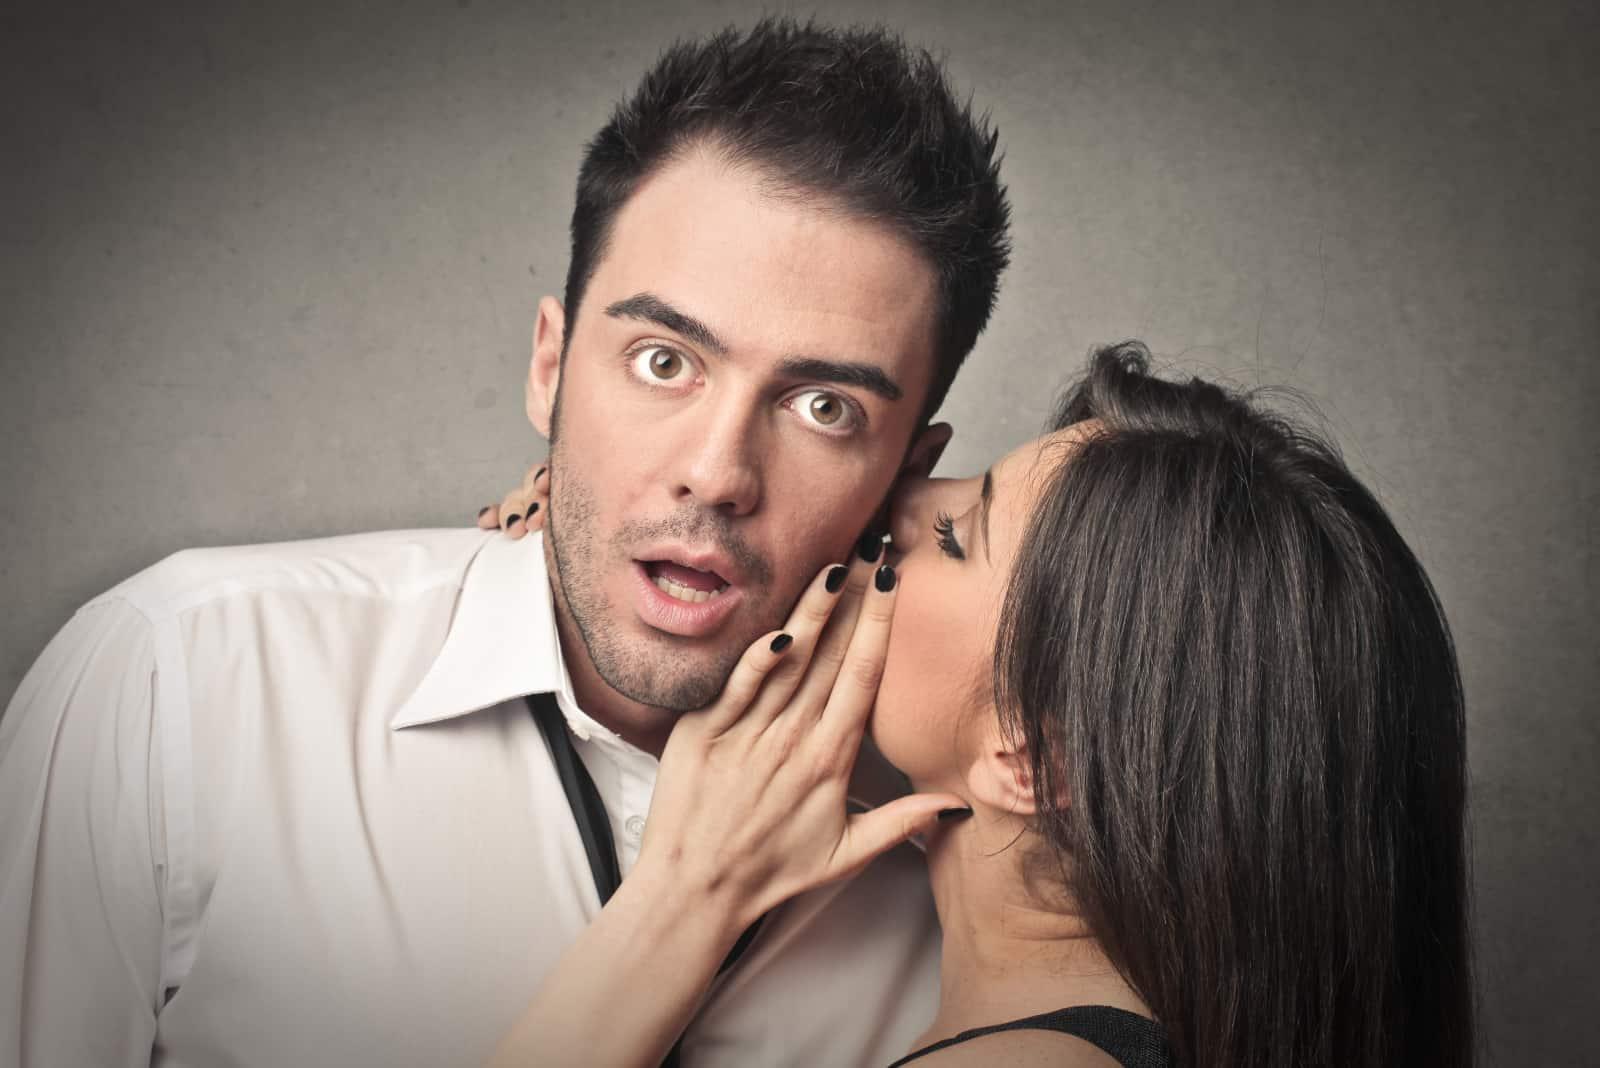 ein Mädchen flüstert einem Mann ins Ohr